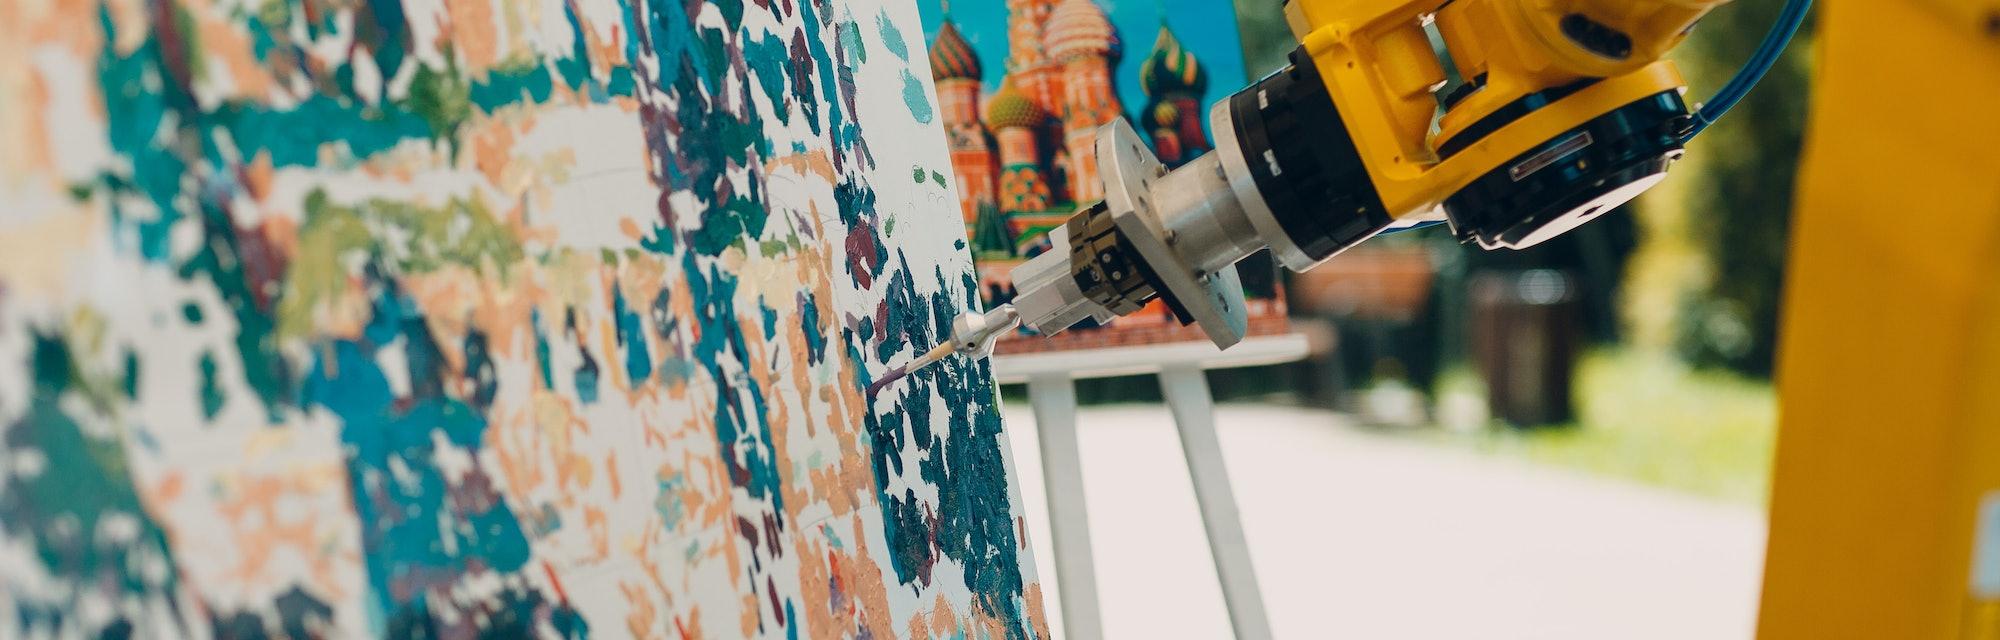 Robot painter